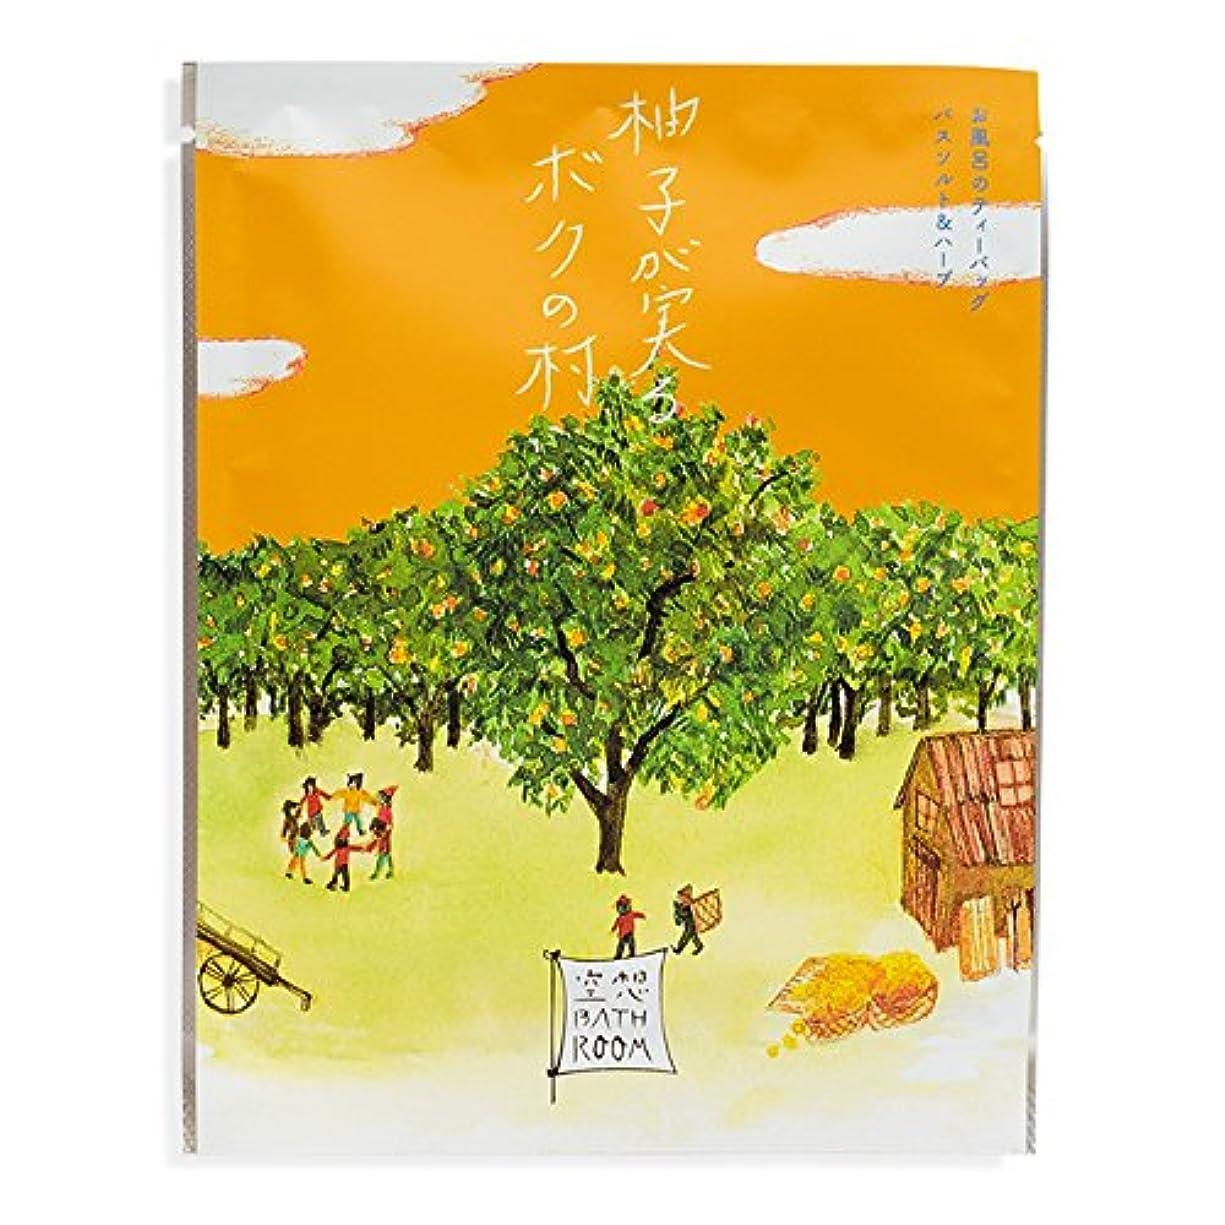 取り替えるリフレッシュ海外チャーリー 空想バスルーム 柚子が実るボクの村 30g